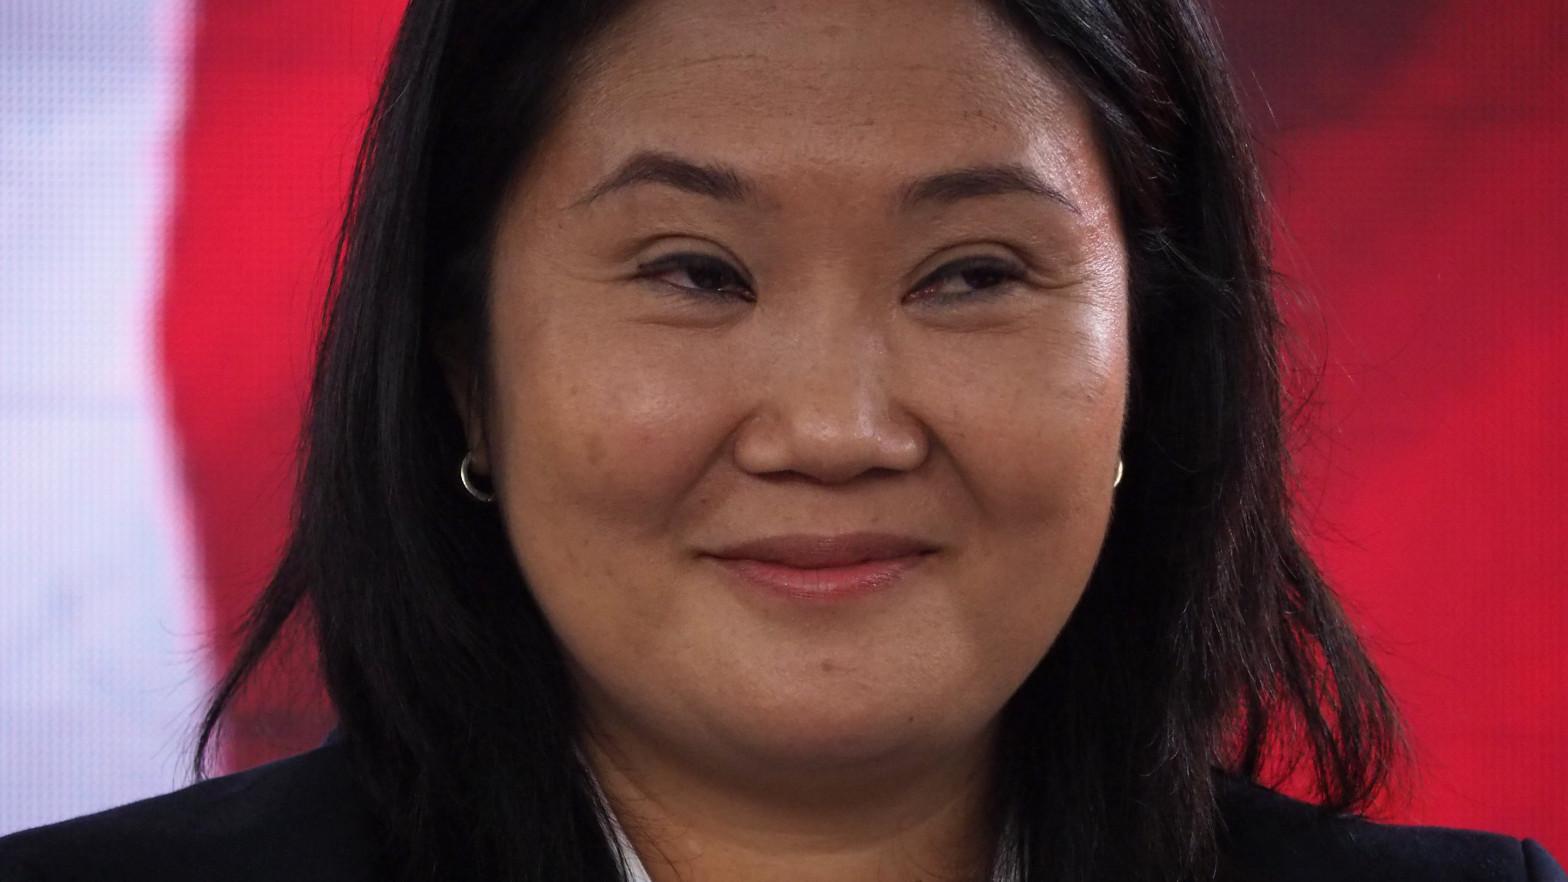 La Justicia de Perú rechaza la solicitud de prisión preventiva contra Keiko Fujimori